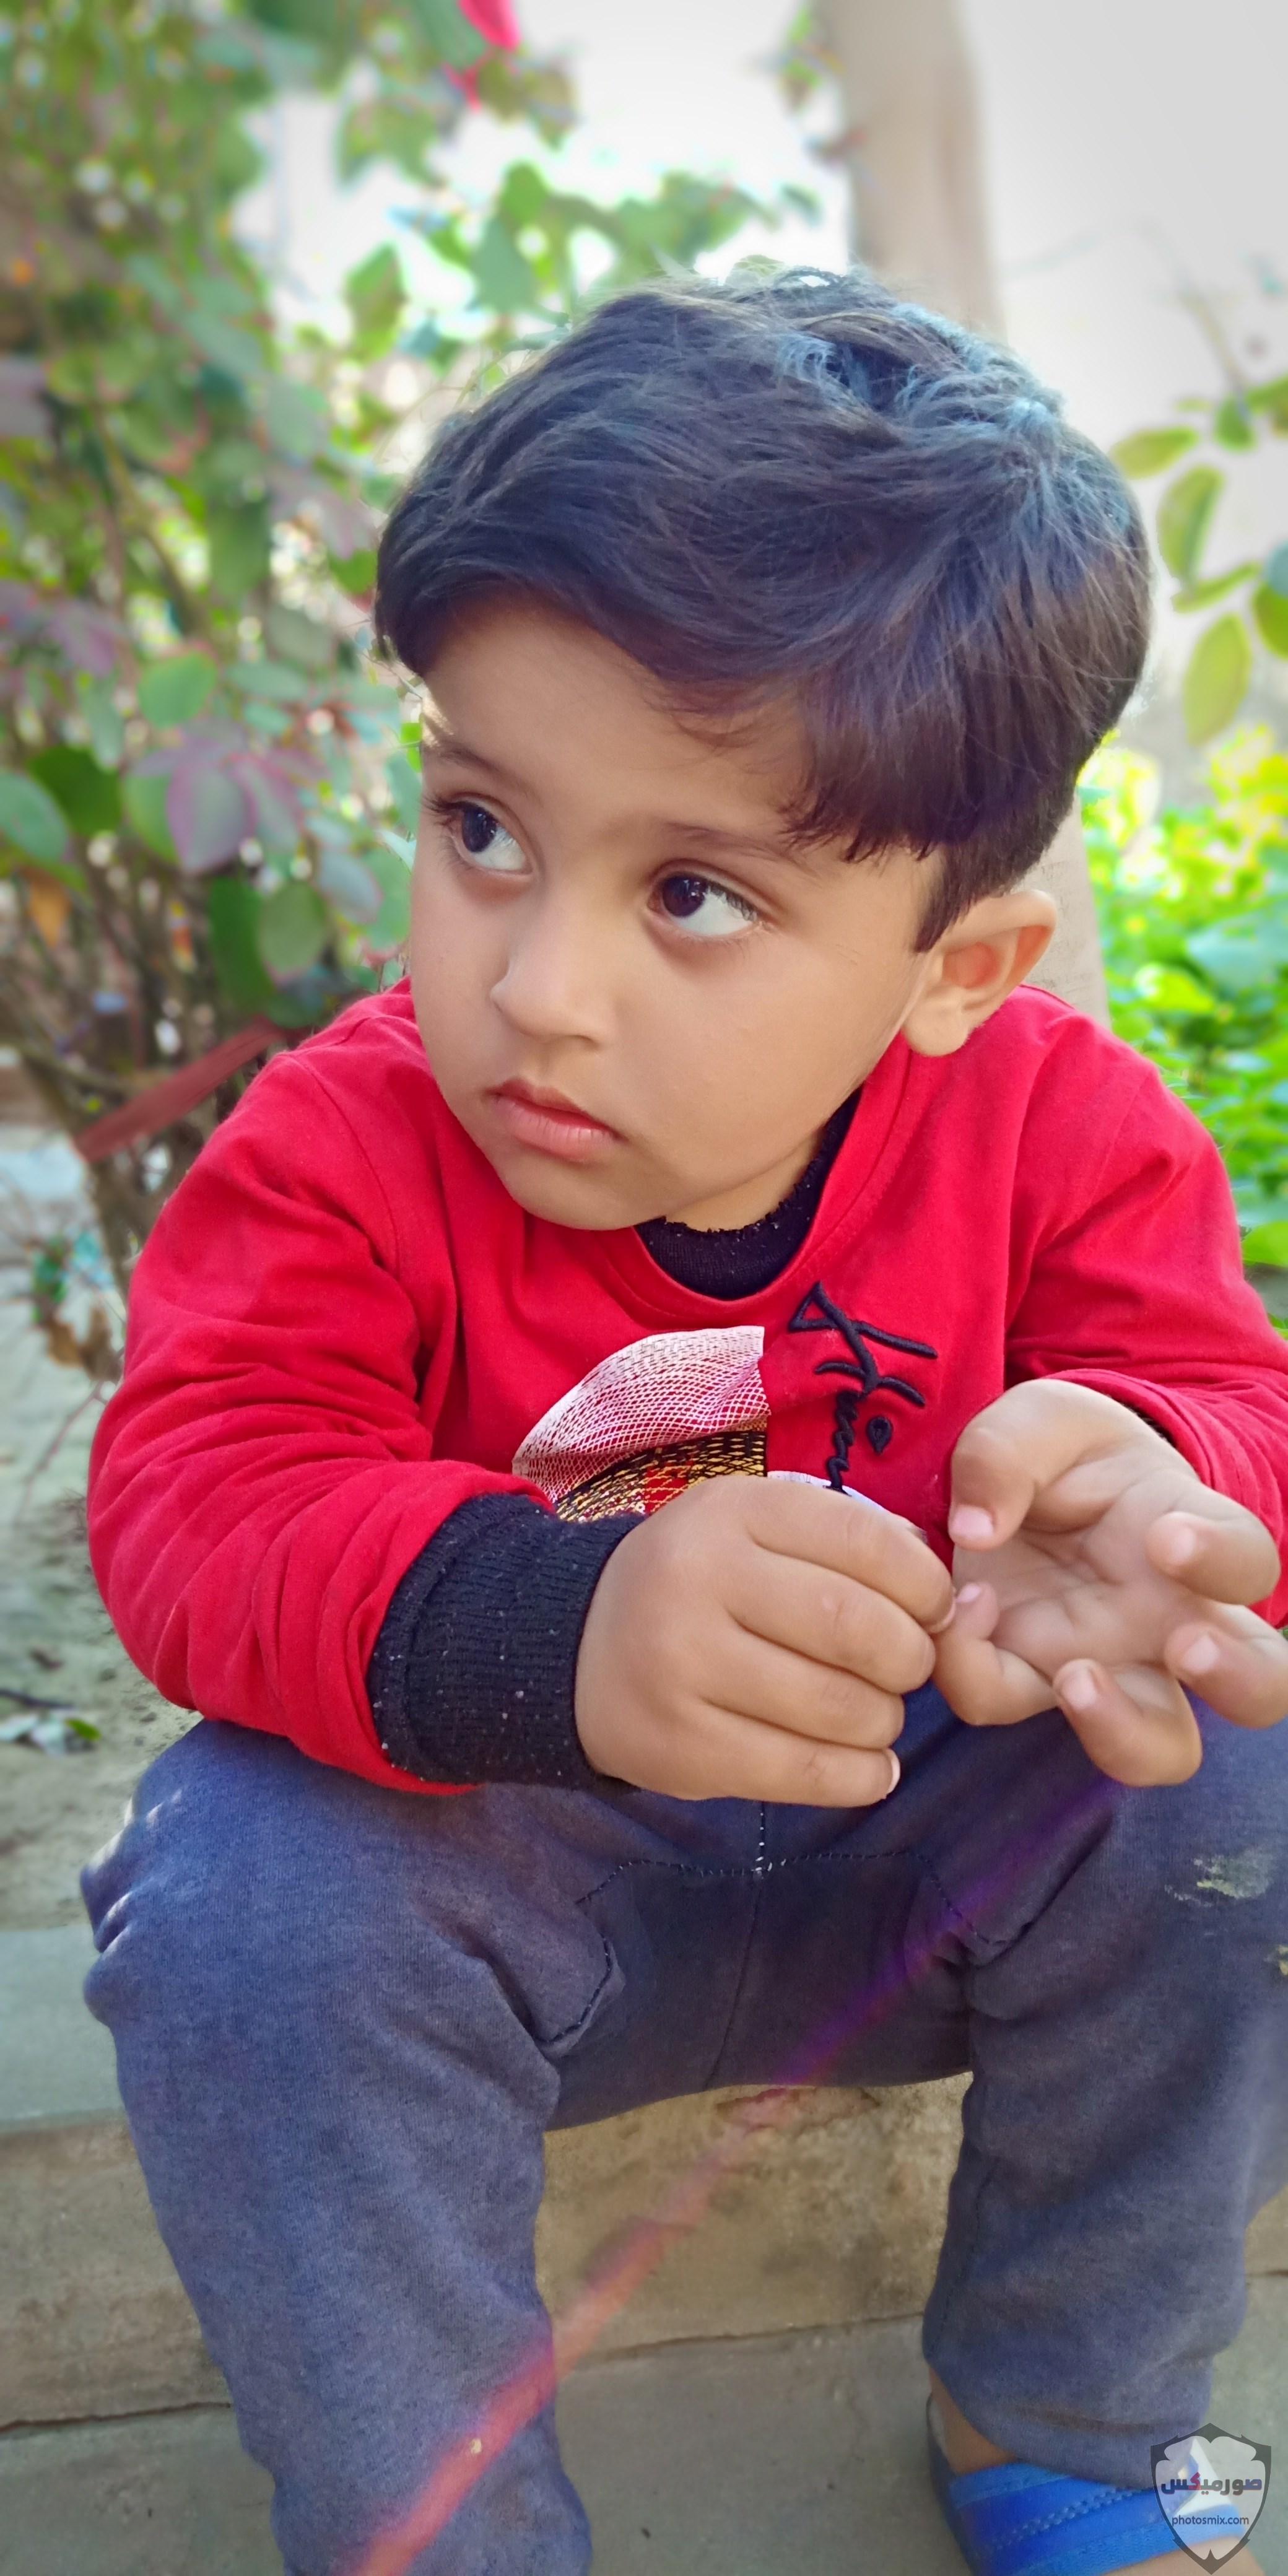 صور اطفال 2021 تحميل اكثر من 100 صور اطفال جميلة صور اطفال روعة 2020 20 1